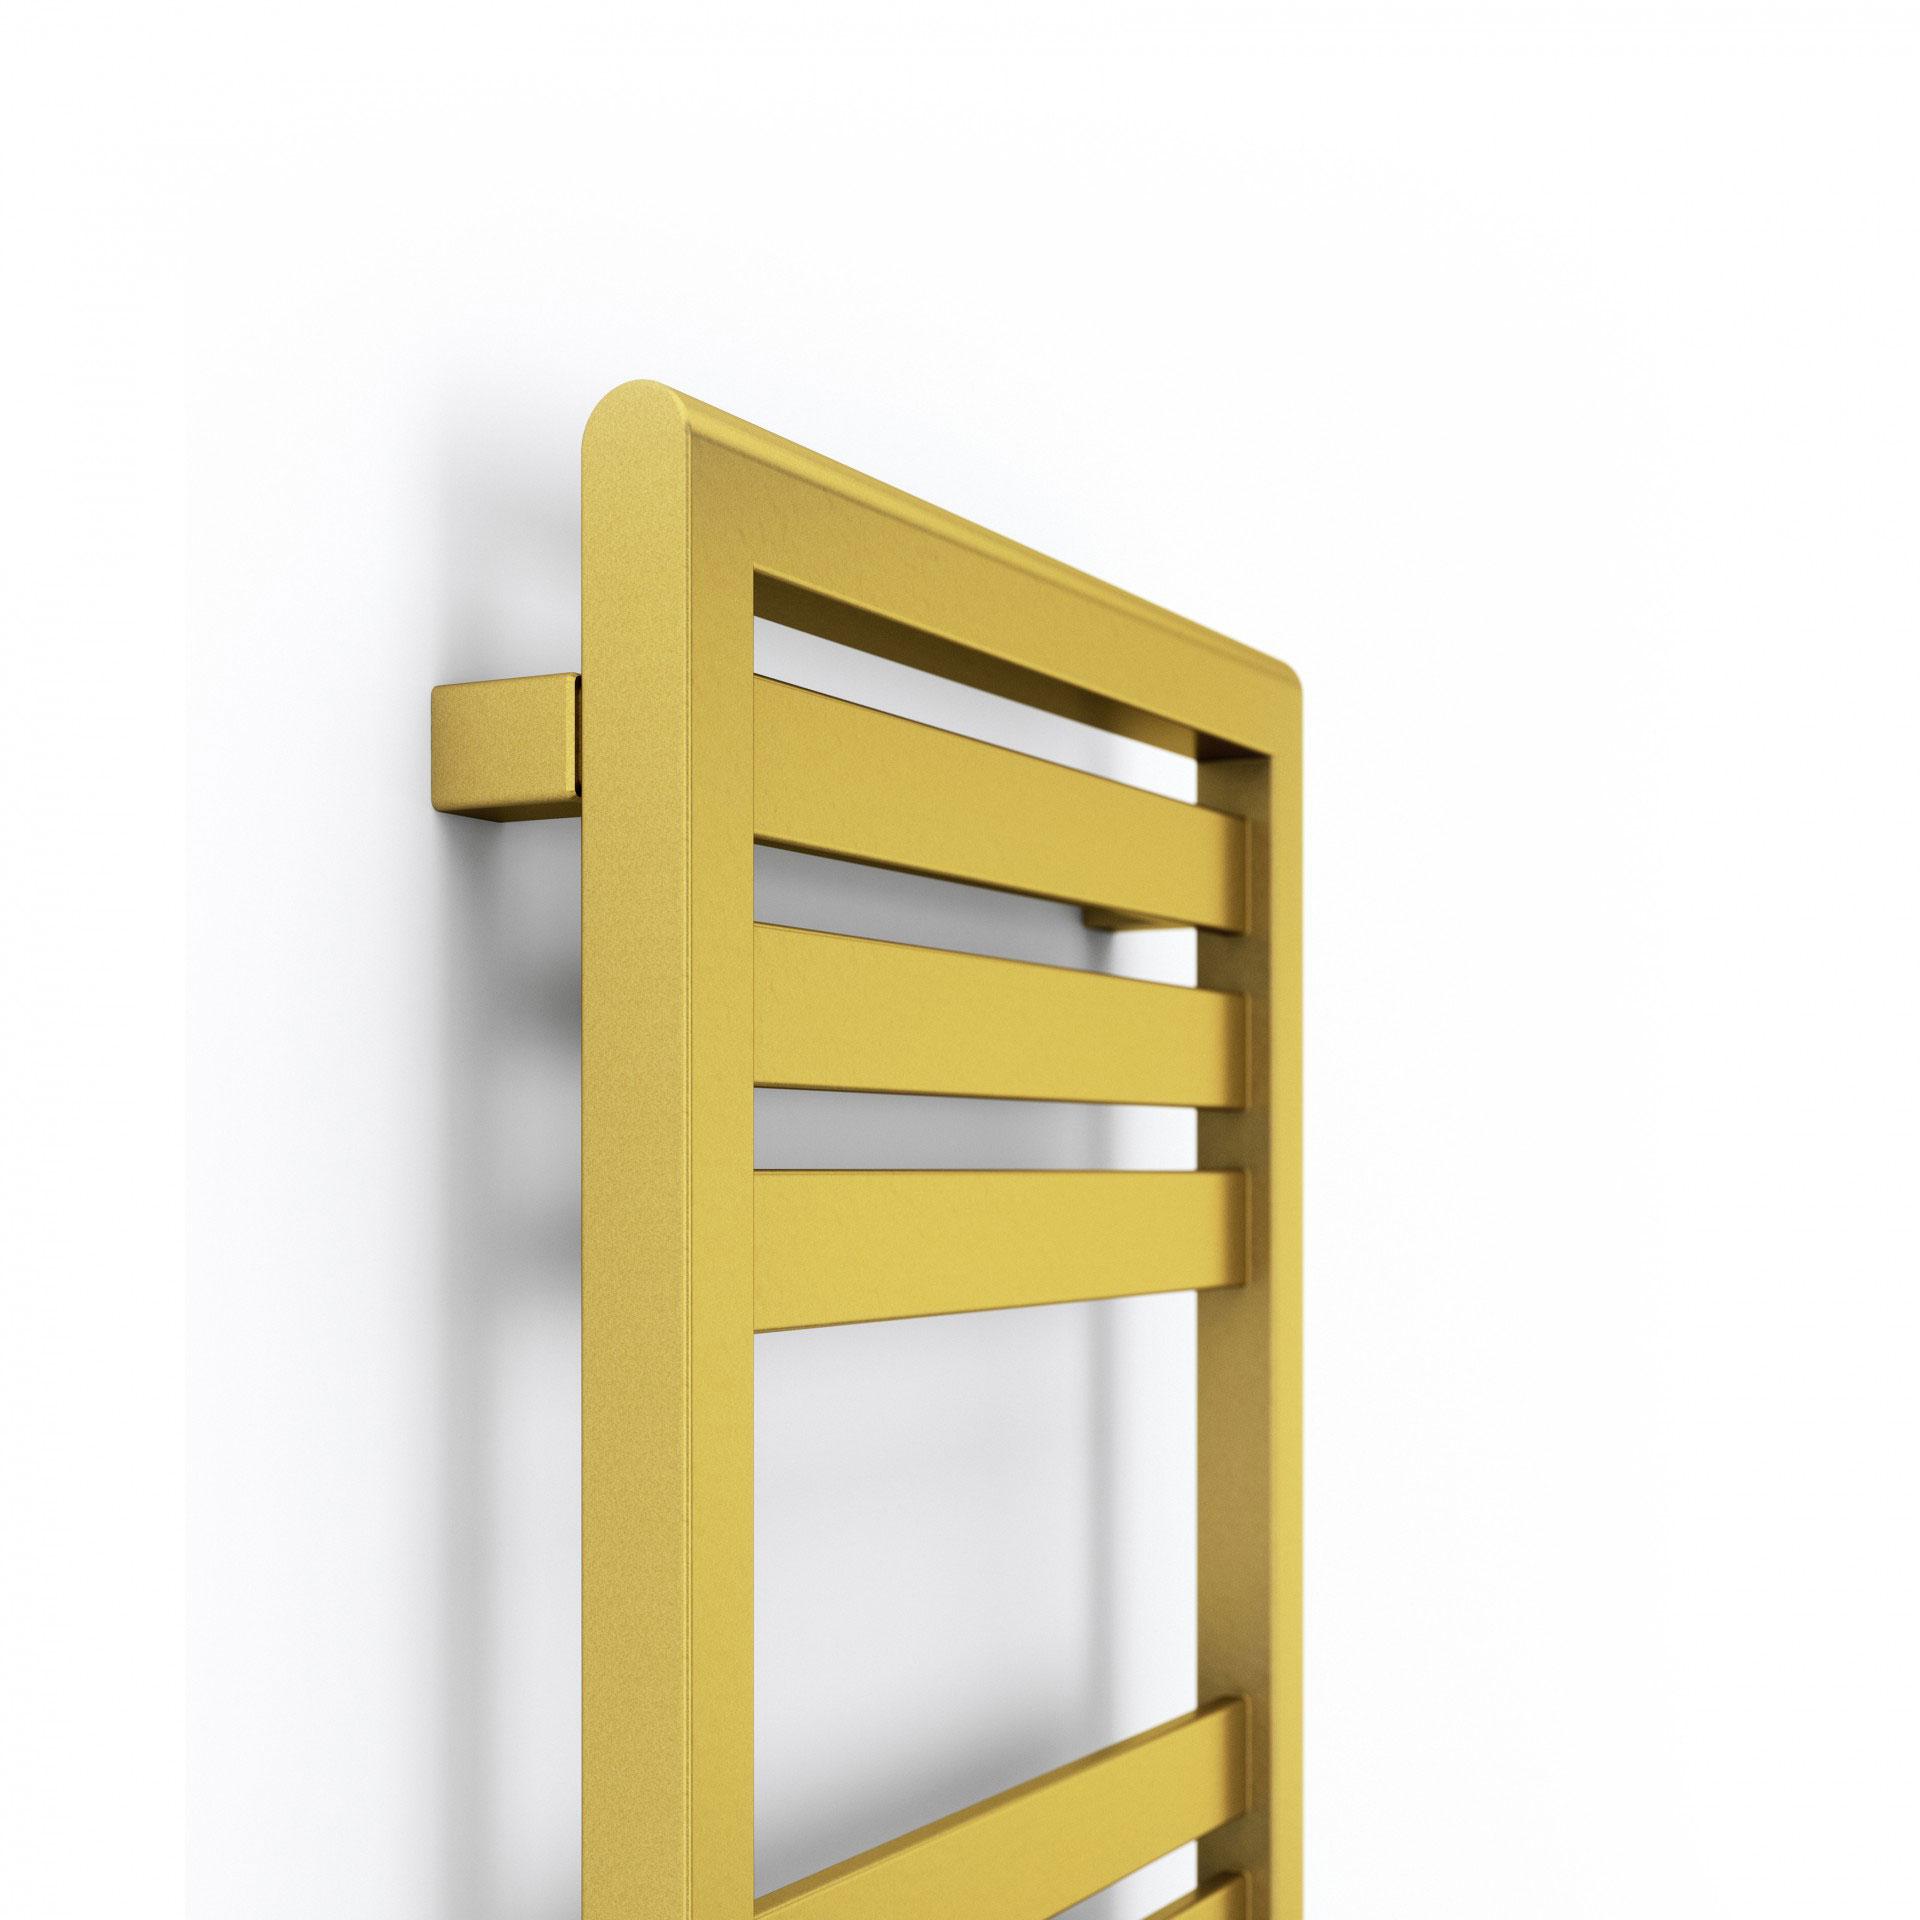 Kolor: Gold gloss